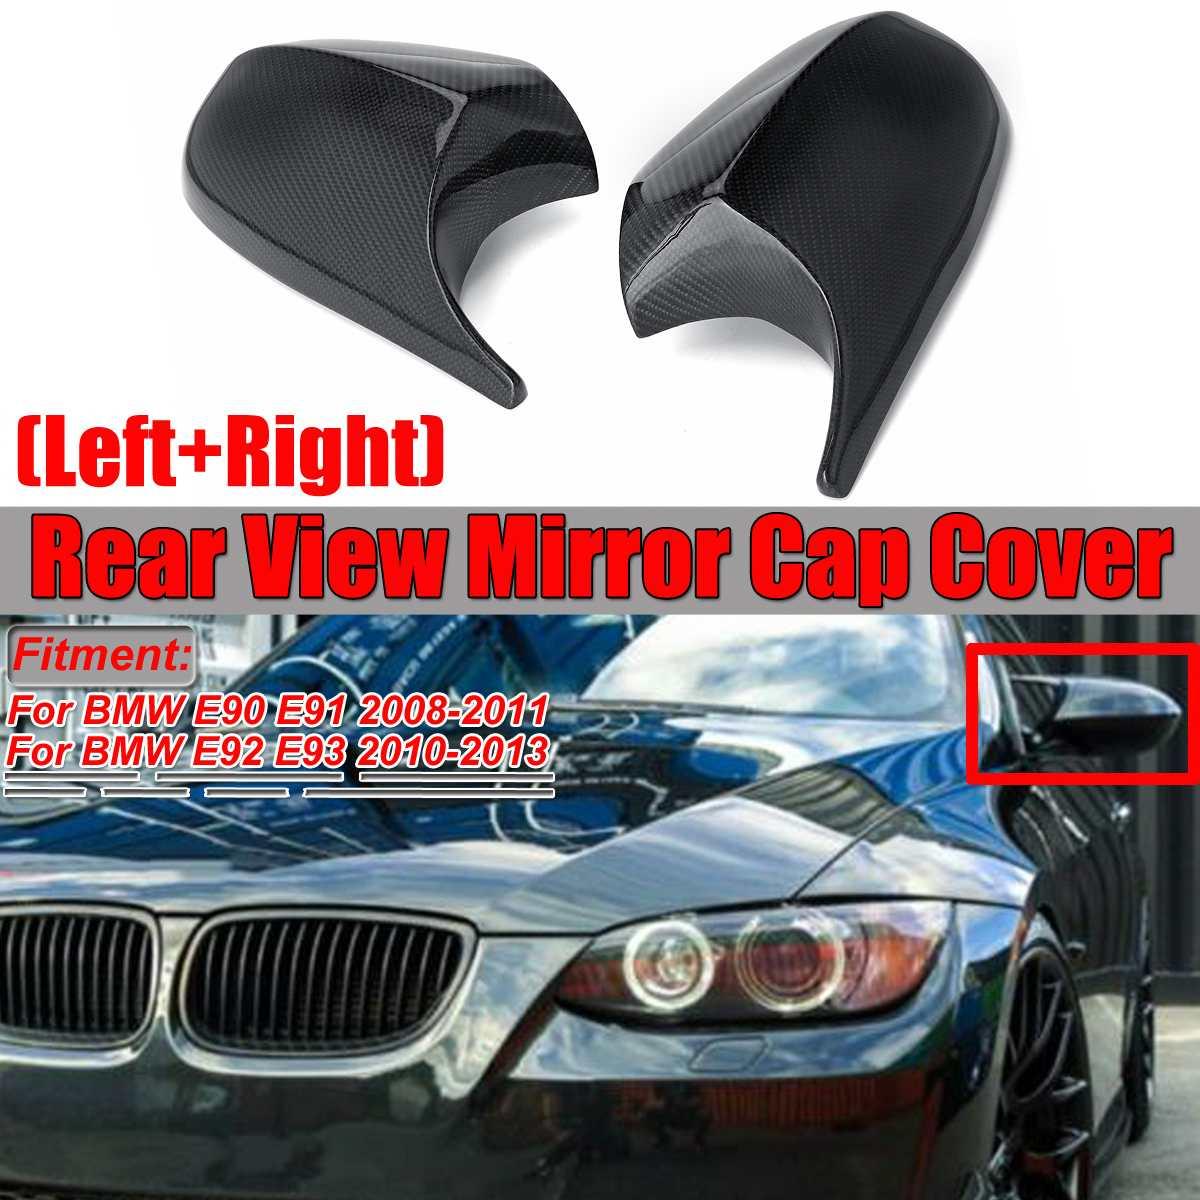 2 pçs real da fibra do carbono/abs espelho capa e90 espelho retrovisor do carro capa direta substituir para bmw e90 e91 08-11 e92 e93 10-13 lci